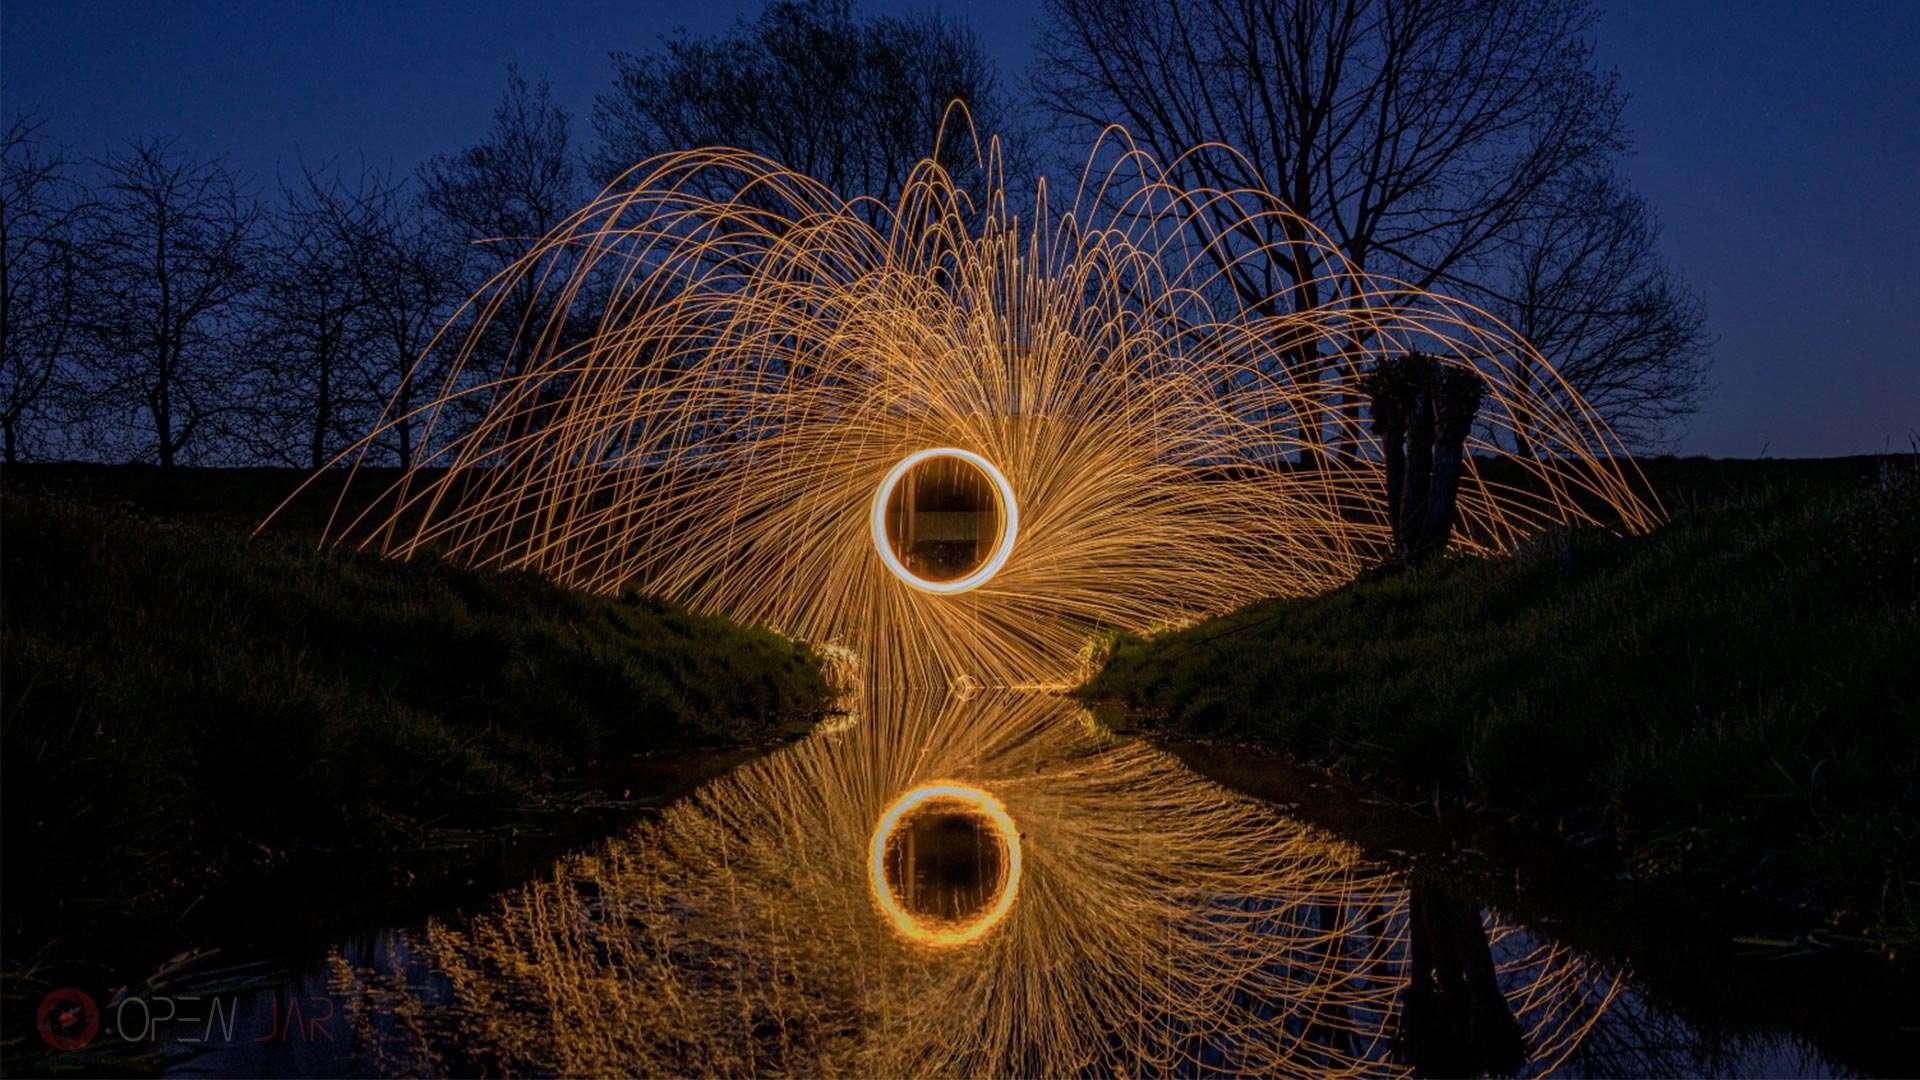 Stahlwolle wird über einem Bach geschleudert reflektiert im Wasser